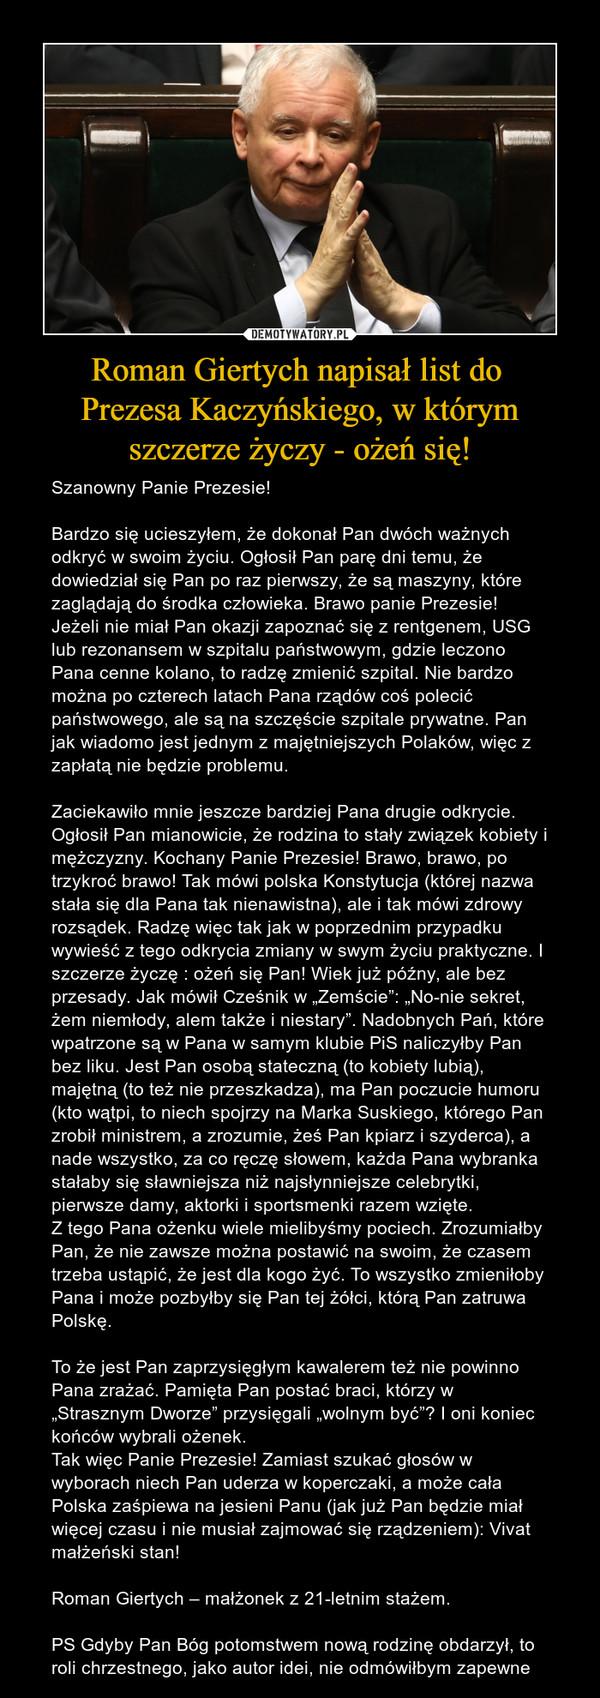 """Roman Giertych napisał list do Prezesa Kaczyńskiego, w którymszczerze życzy - ożeń się! – Szanowny Panie Prezesie!Bardzo się ucieszyłem, że dokonał Pan dwóch ważnych odkryć w swoim życiu. Ogłosił Pan parę dni temu, że dowiedział się Pan po raz pierwszy, że są maszyny, które zaglądają do środka człowieka. Brawo panie Prezesie! Jeżeli nie miał Pan okazji zapoznać się z rentgenem, USG lub rezonansem w szpitalu państwowym, gdzie leczono Pana cenne kolano, to radzę zmienić szpital. Nie bardzo można po czterech latach Pana rządów coś polecić państwowego, ale są na szczęście szpitale prywatne. Pan jak wiadomo jest jednym z majętniejszych Polaków, więc z zapłatą nie będzie problemu.Zaciekawiło mnie jeszcze bardziej Pana drugie odkrycie. Ogłosił Pan mianowicie, że rodzina to stały związek kobiety i mężczyzny. Kochany Panie Prezesie! Brawo, brawo, po trzykroć brawo! Tak mówi polska Konstytucja (której nazwa stała się dla Pana tak nienawistna), ale i tak mówi zdrowy rozsądek. Radzę więc tak jak w poprzednim przypadku wywieść z tego odkrycia zmiany w swym życiu praktyczne. I szczerze życzę : ożeń się Pan! Wiek już późny, ale bez przesady. Jak mówił Cześnik w """"Zemście"""": """"No-nie sekret, żem niemłody, alem także i niestary"""". Nadobnych Pań, które wpatrzone są w Pana w samym klubie PiS naliczyłby Pan bez liku. Jest Pan osobą stateczną (to kobiety lubią), majętną (to też nie przeszkadza), ma Pan poczucie humoru (kto wątpi, to niech spojrzy na Marka Suskiego, którego Pan zrobił ministrem, a zrozumie, żeś Pan kpiarz i szyderca), a nade wszystko, za co ręczę słowem, każda Pana wybranka stałaby się sławniejsza niż najsłynniejsze celebrytki, pierwsze damy, aktorki i sportsmenki razem wzięte.Z tego Pana ożenku wiele mielibyśmy pociech. Zrozumiałby Pan, że nie zawsze można postawić na swoim, że czasem trzeba ustąpić, że jest dla kogo żyć. To wszystko zmieniłoby Pana i może pozbyłby się Pan tej żółci, którą Pan zatruwa Polskę.To że jest Pan zaprzysięgłym kawalerem też nie powinno Pana zrażać"""